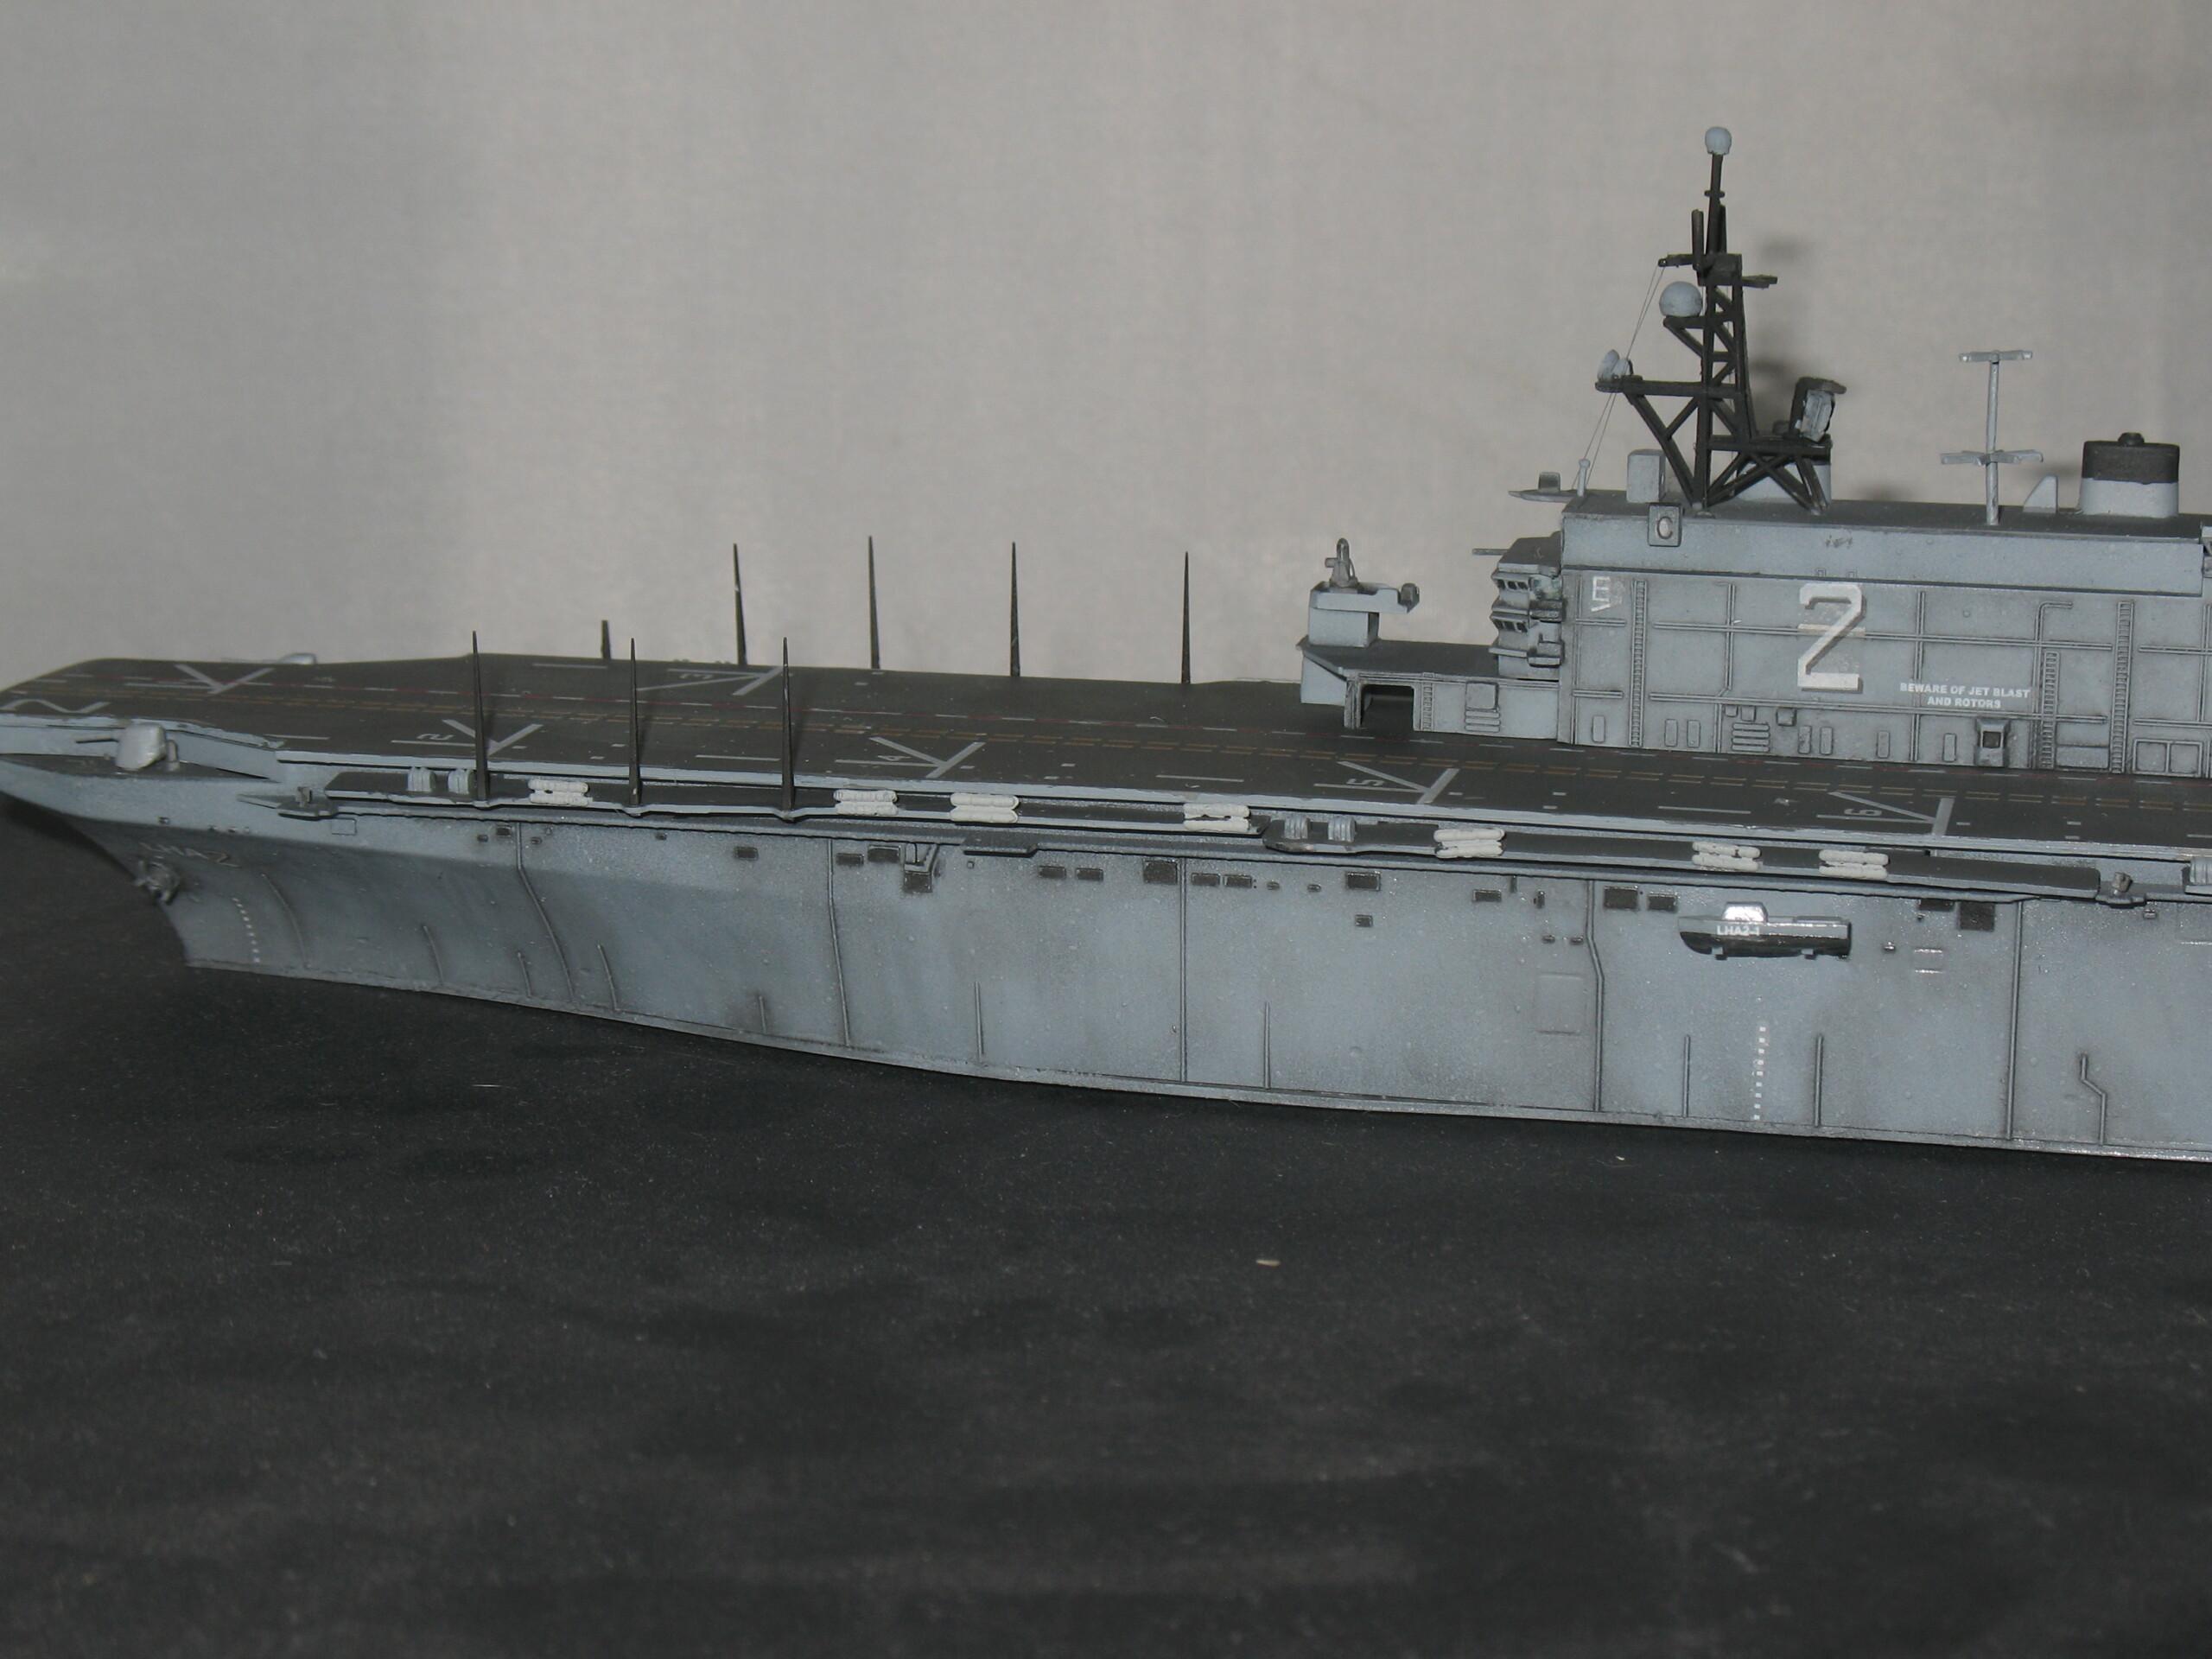 [Dragon] 1/700 USS Saipan LHA-2 Img_3835